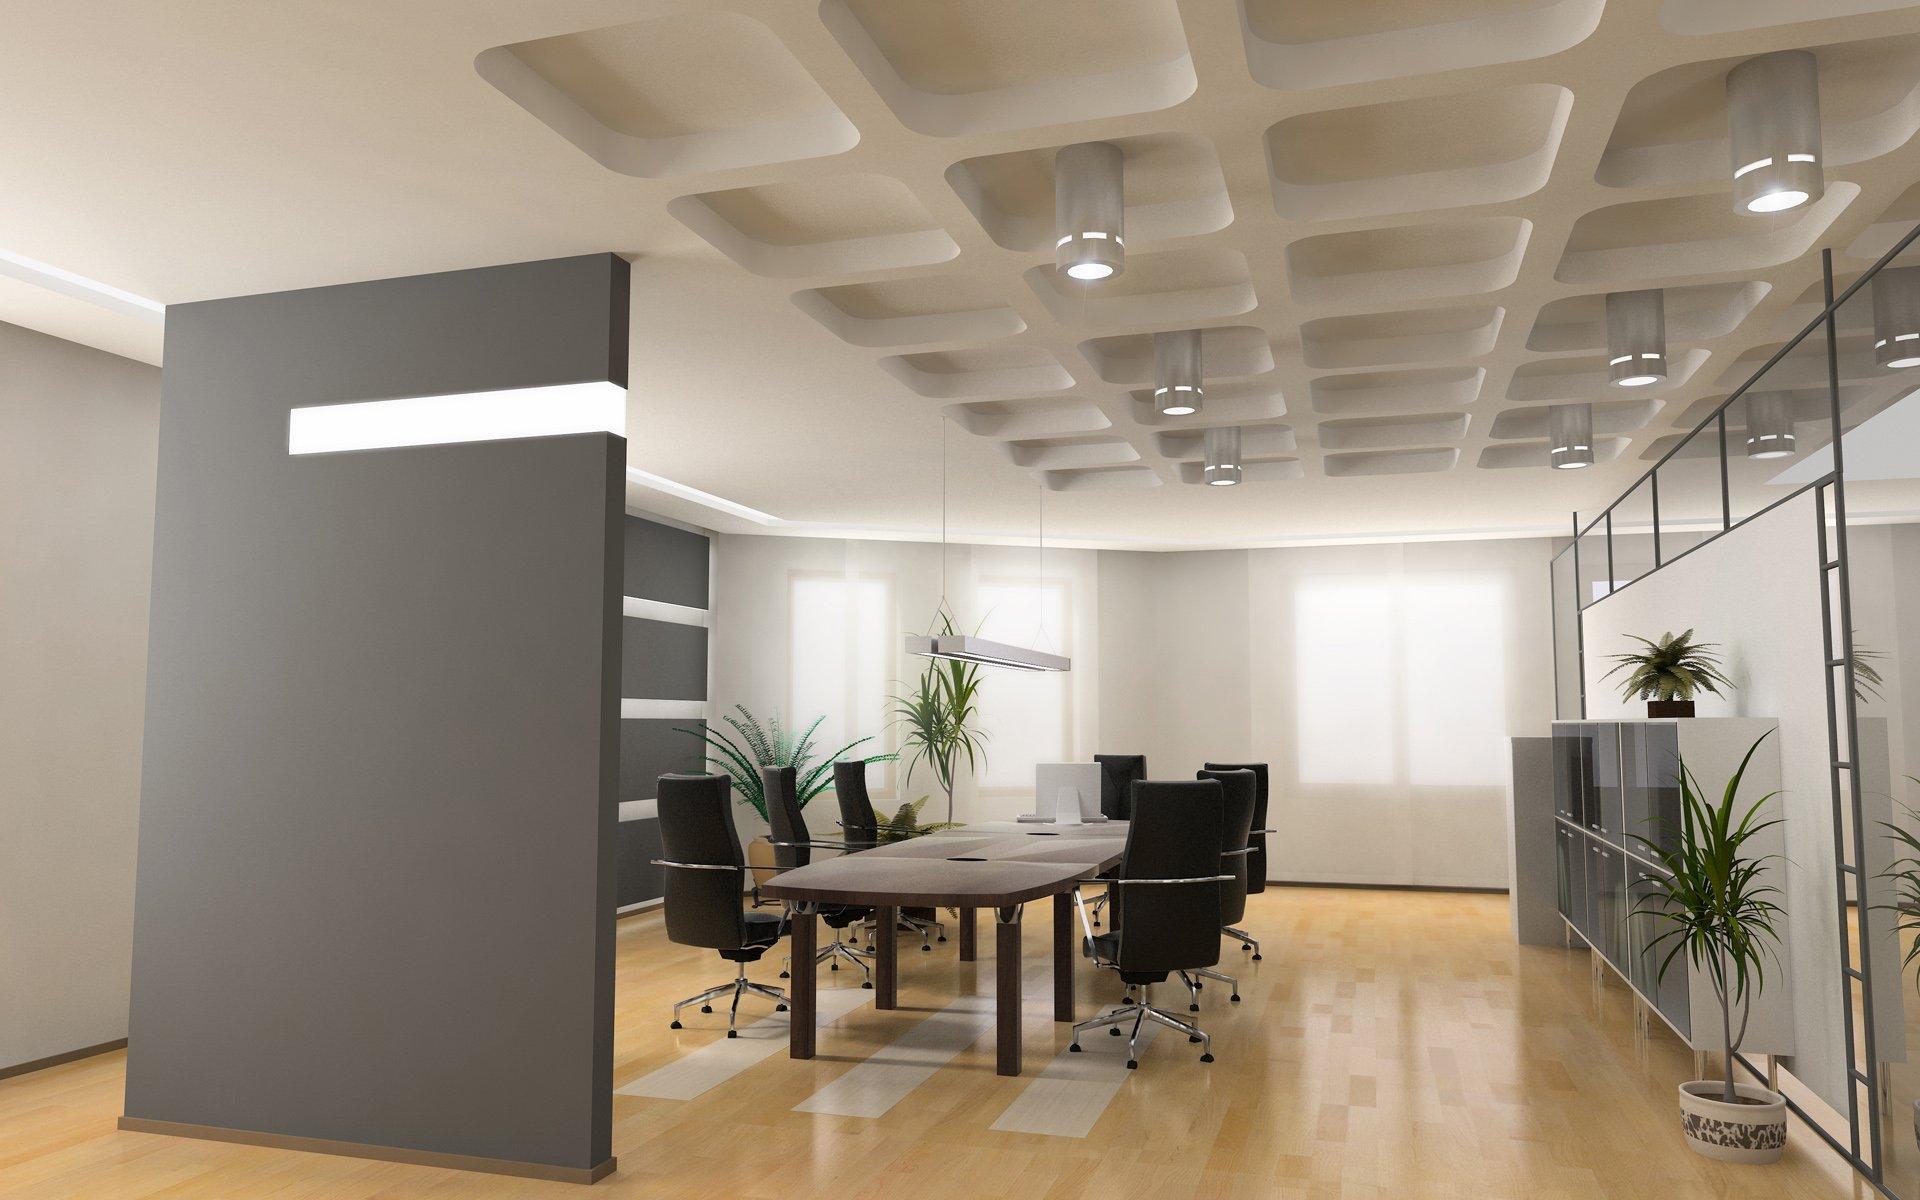 [31+] Business Meeting Wallpaper on WallpaperSafari